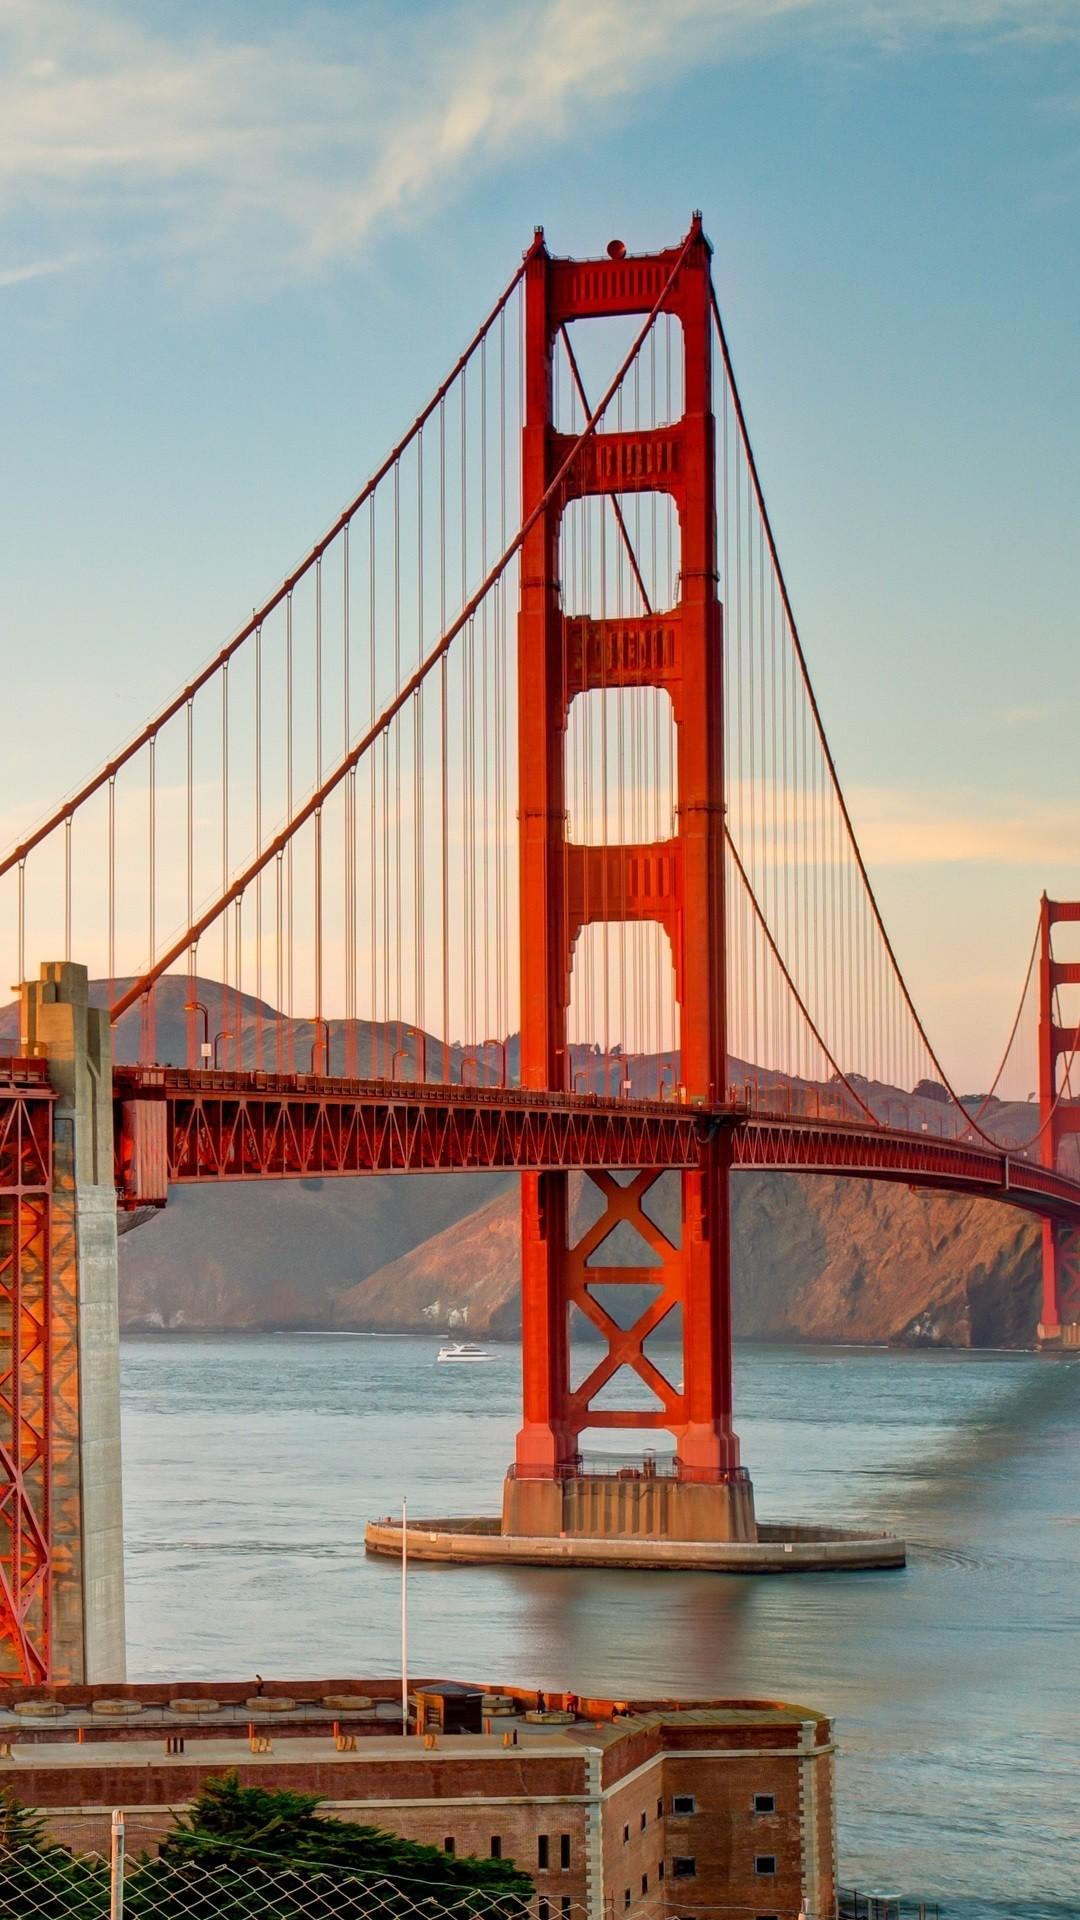 Golden Gate Bridge wallpaper for android